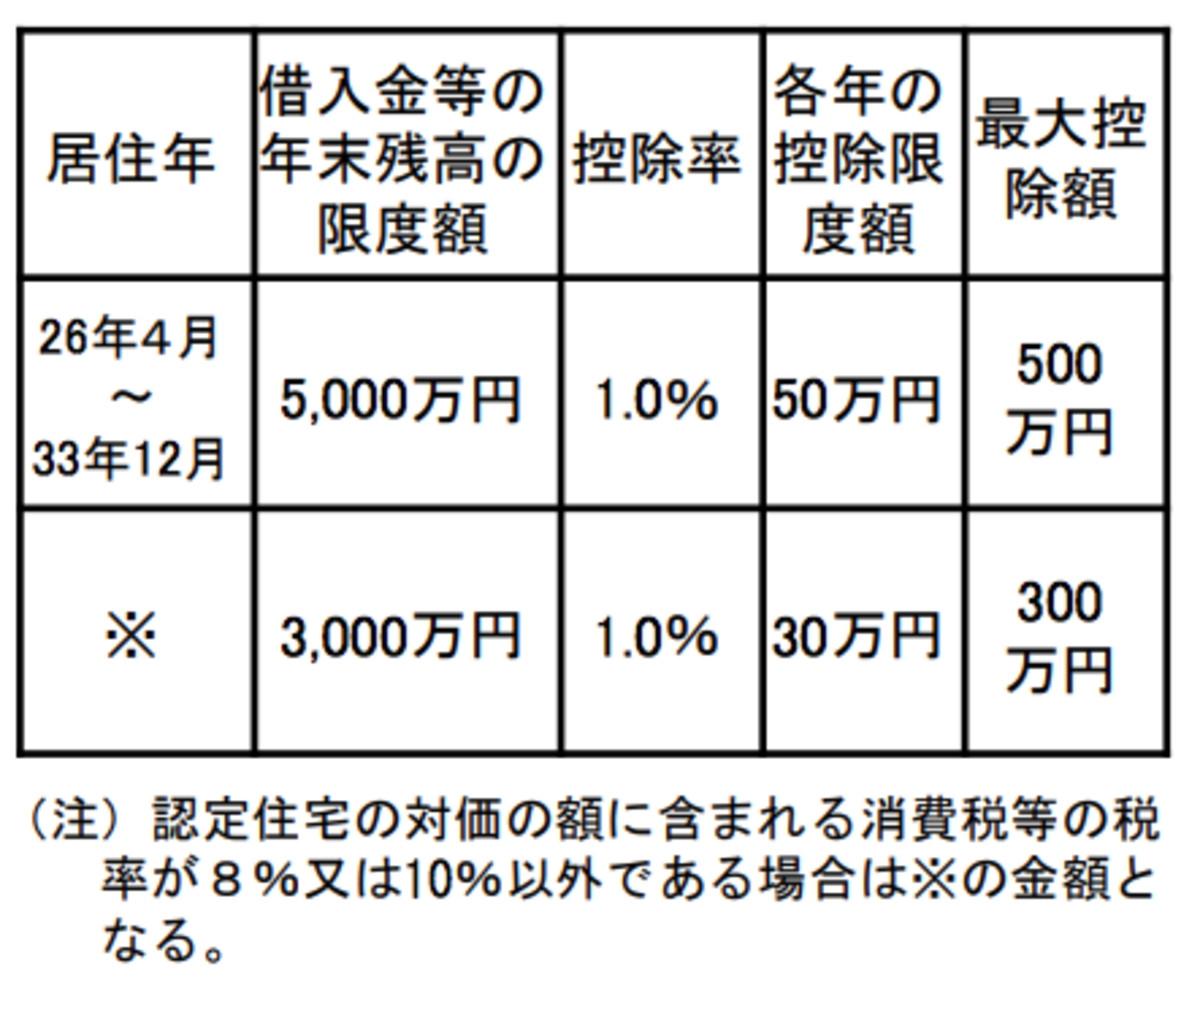 住宅ローン控除額(認定長期優良住宅・認定低炭素住宅の場合)/財務省ウェブサイトより